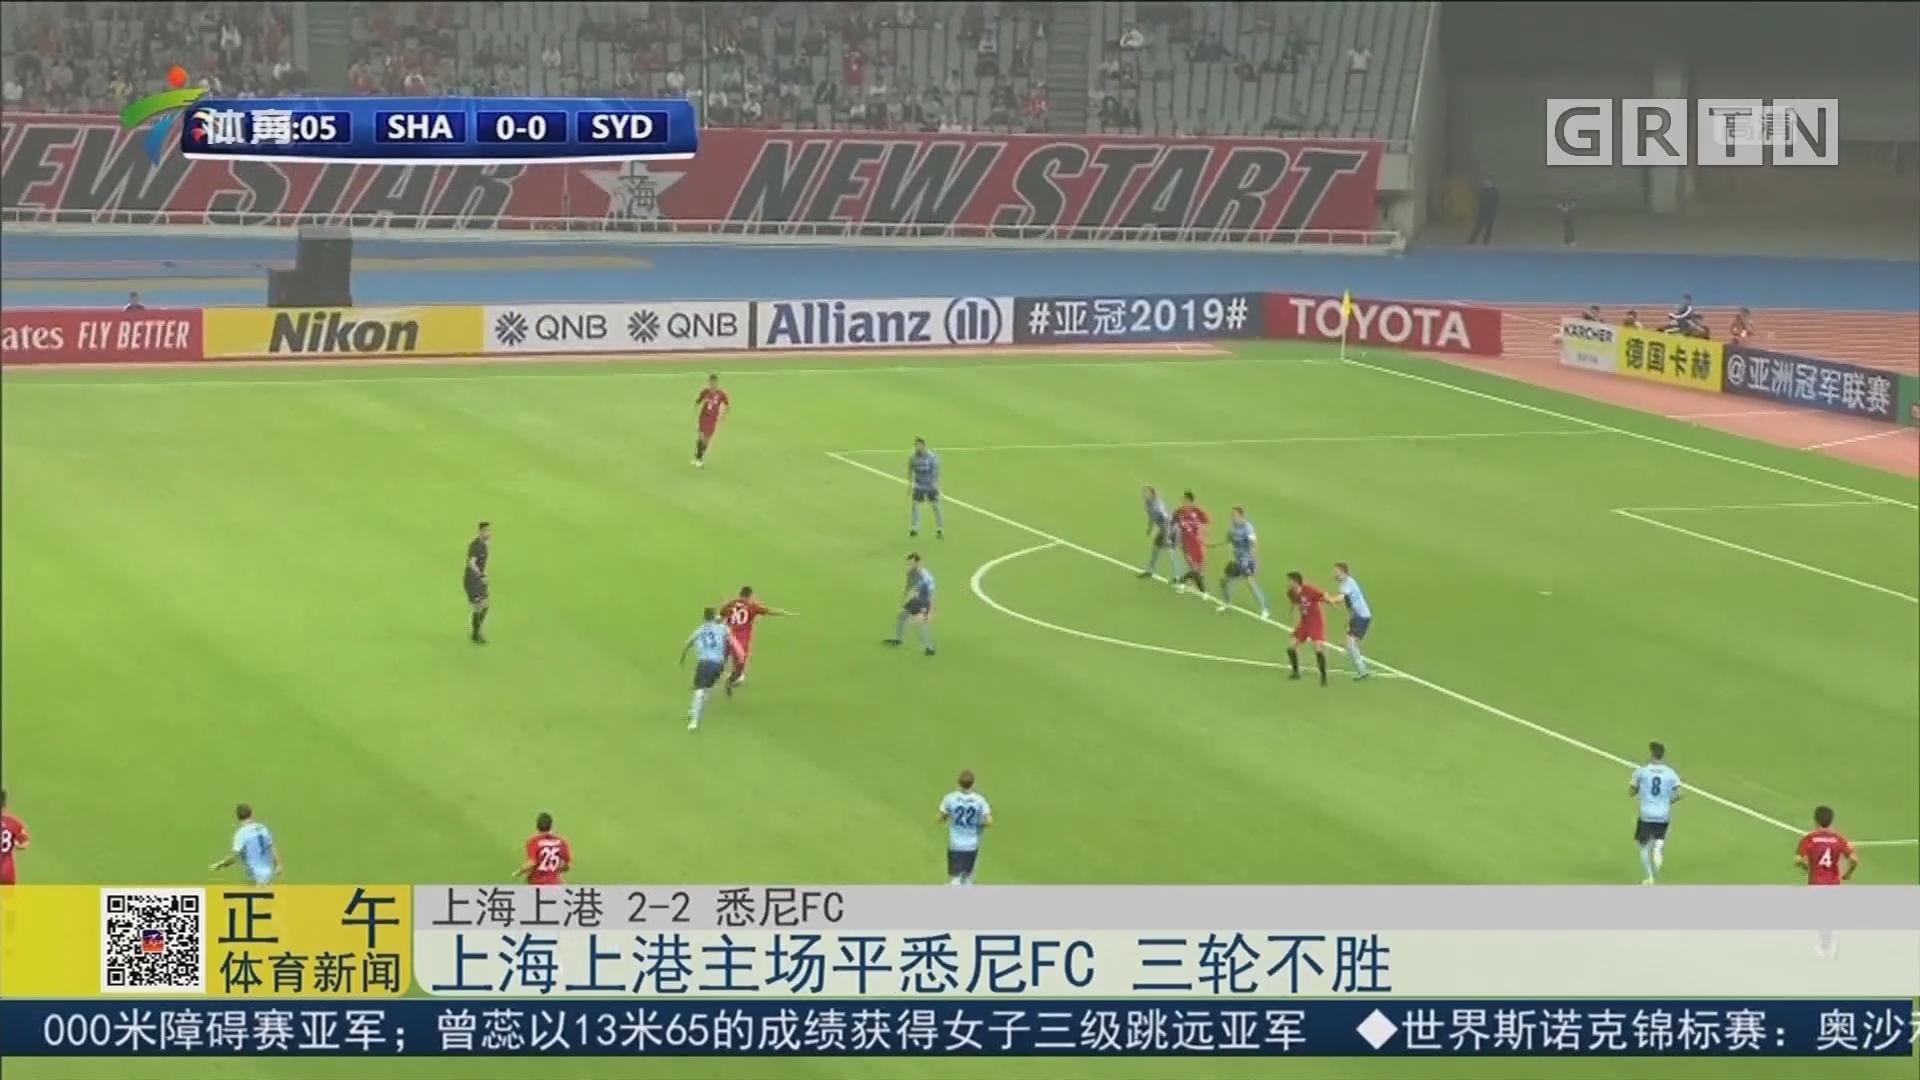 上海上港主场平悉尼FC 三轮不胜